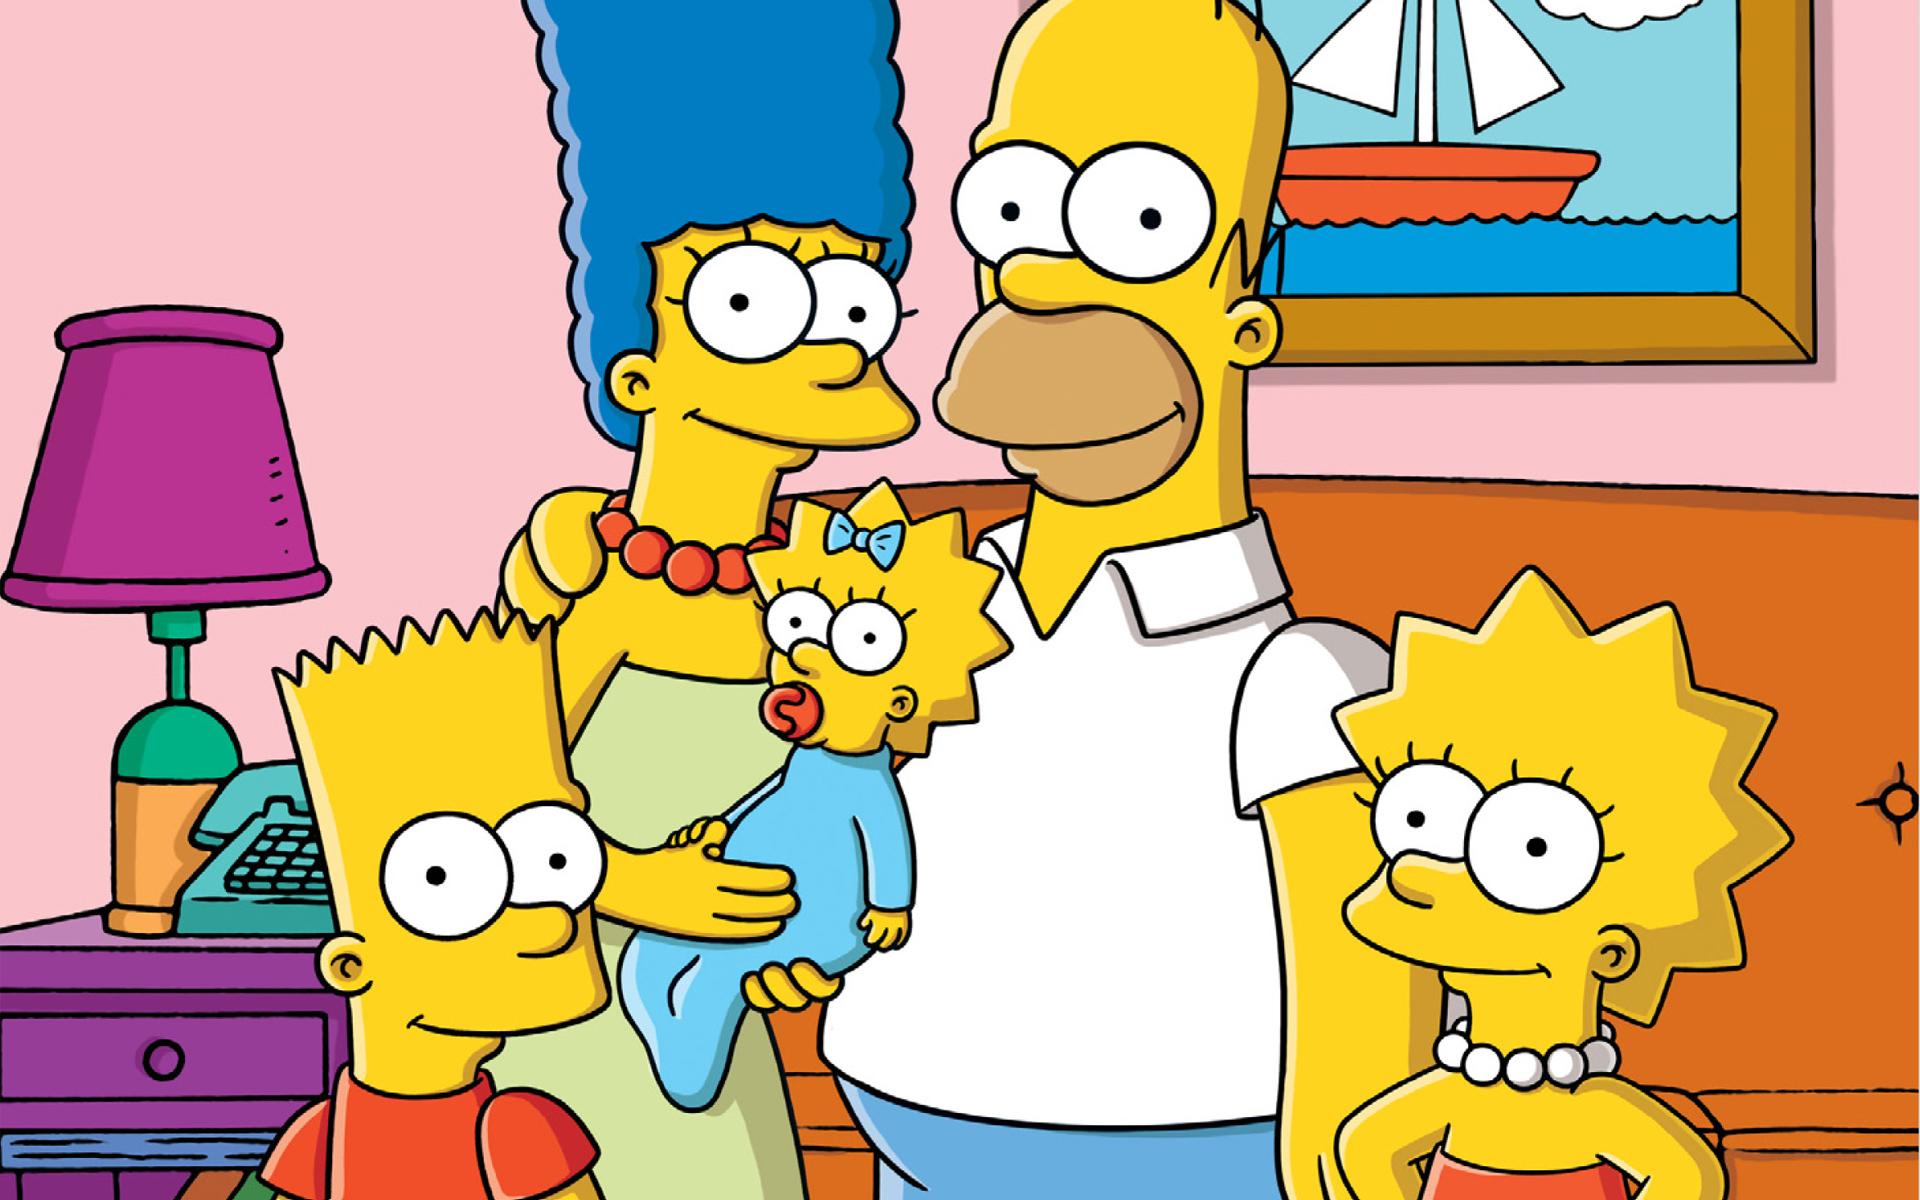 вот симпсоны картинки радость подобных